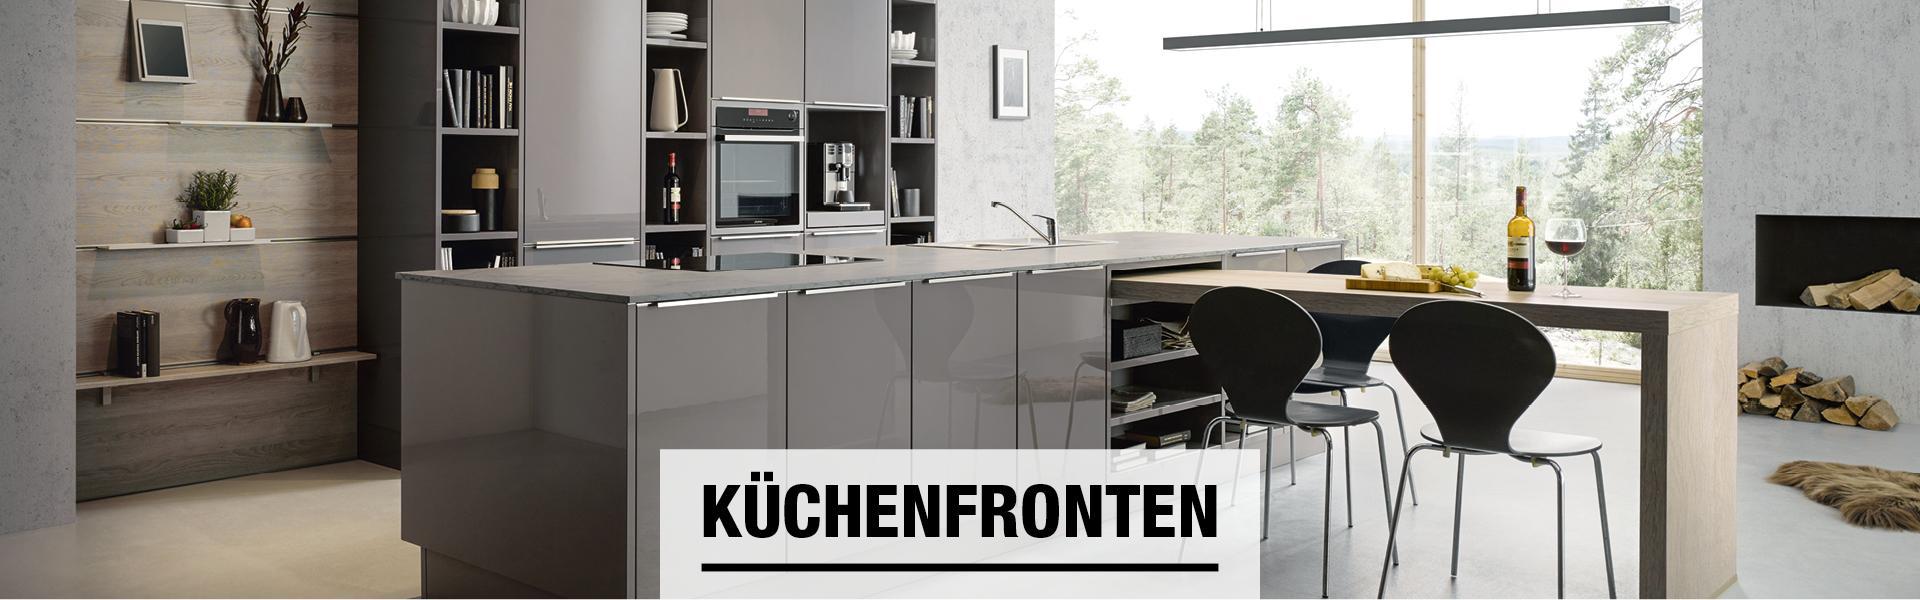 Contur Küchen Fronten